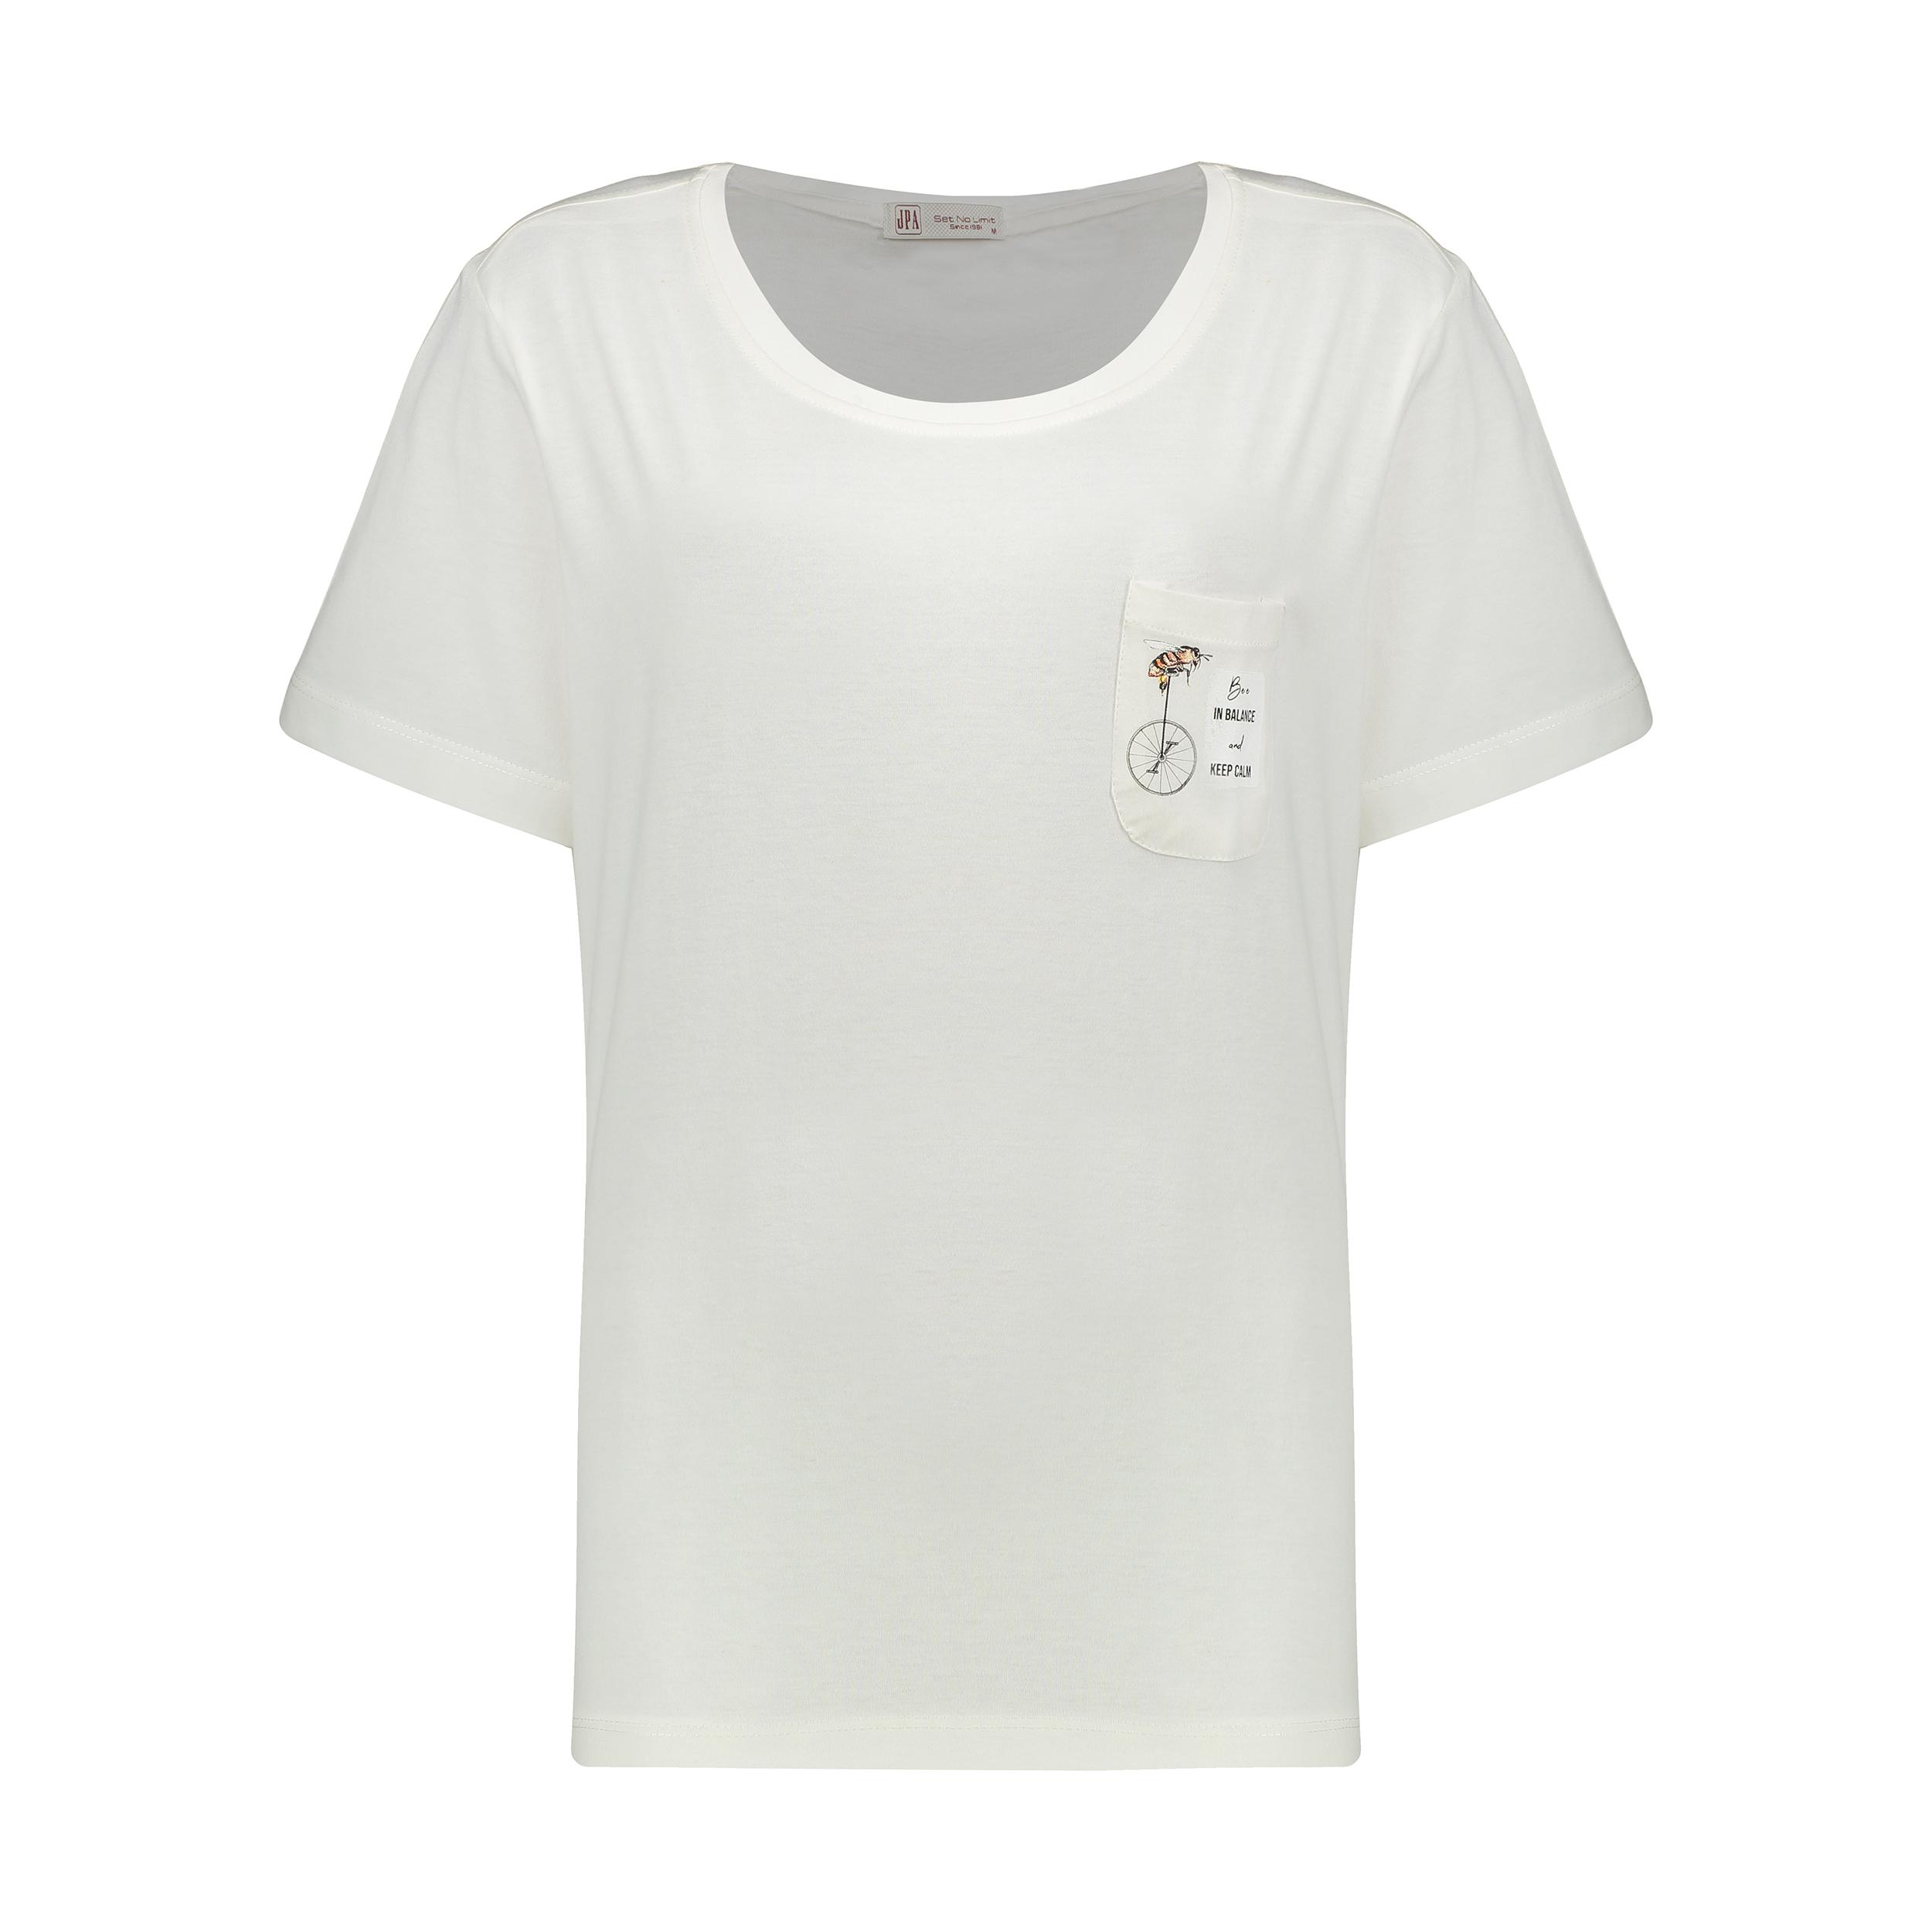 تی شرت زنانه جامه پوش آرا مدل 4012019475-05